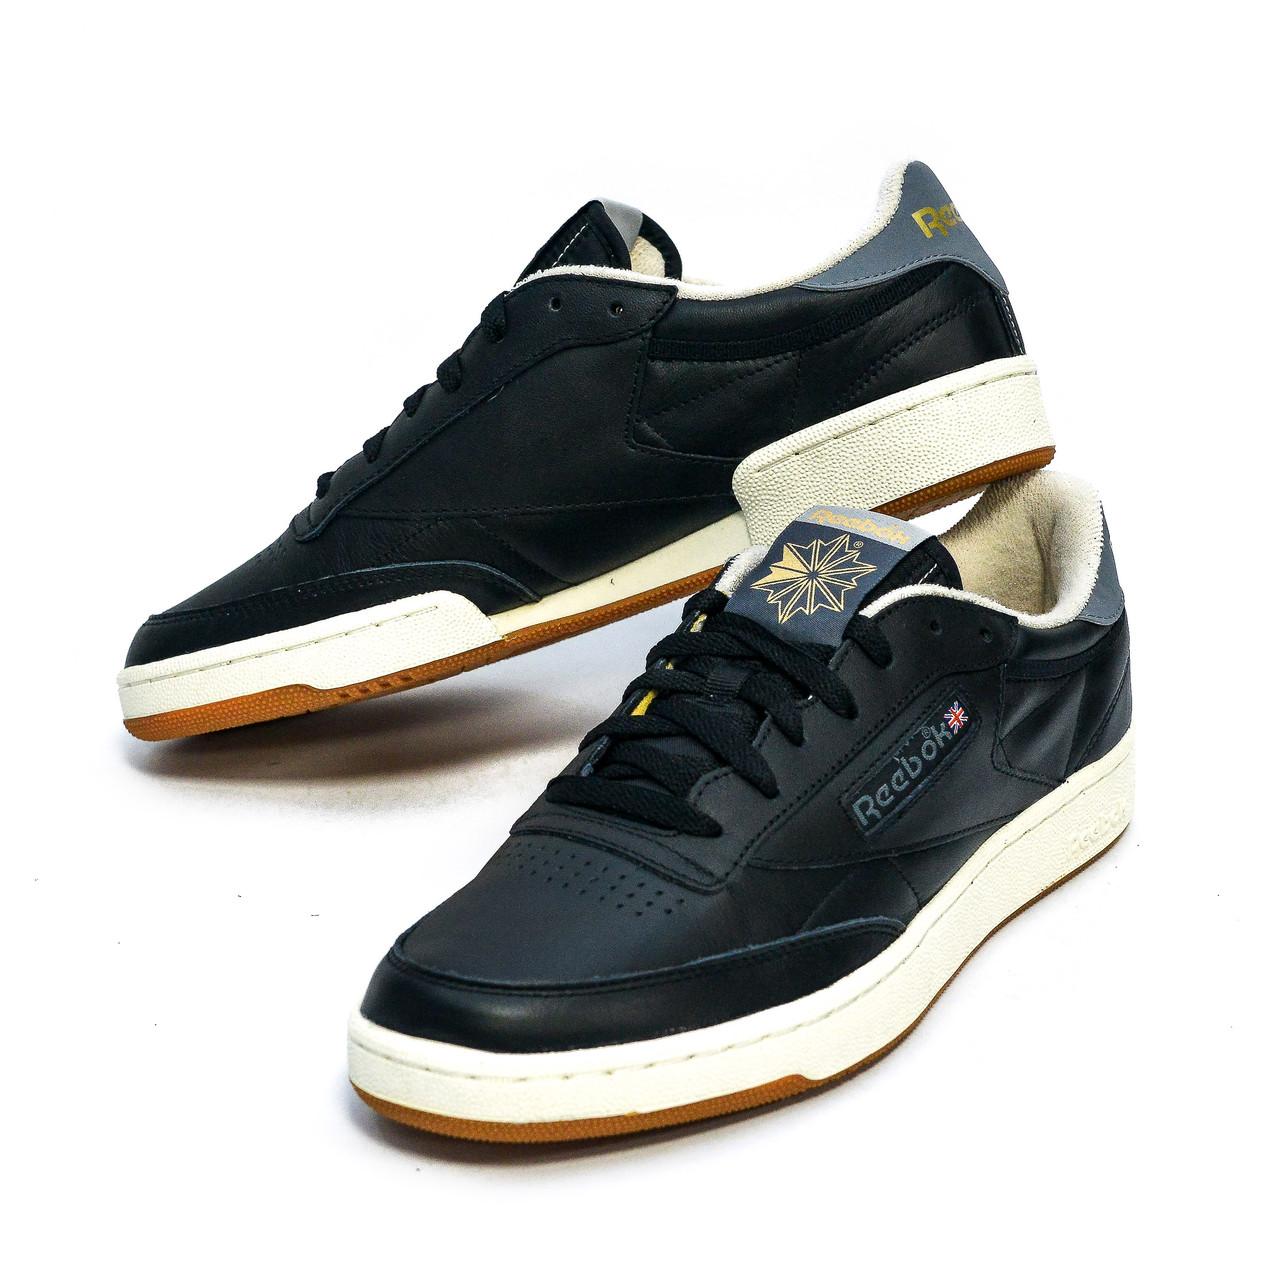 Оригинальные мужские кроссовки Reebok Club C 85 Retro Gum